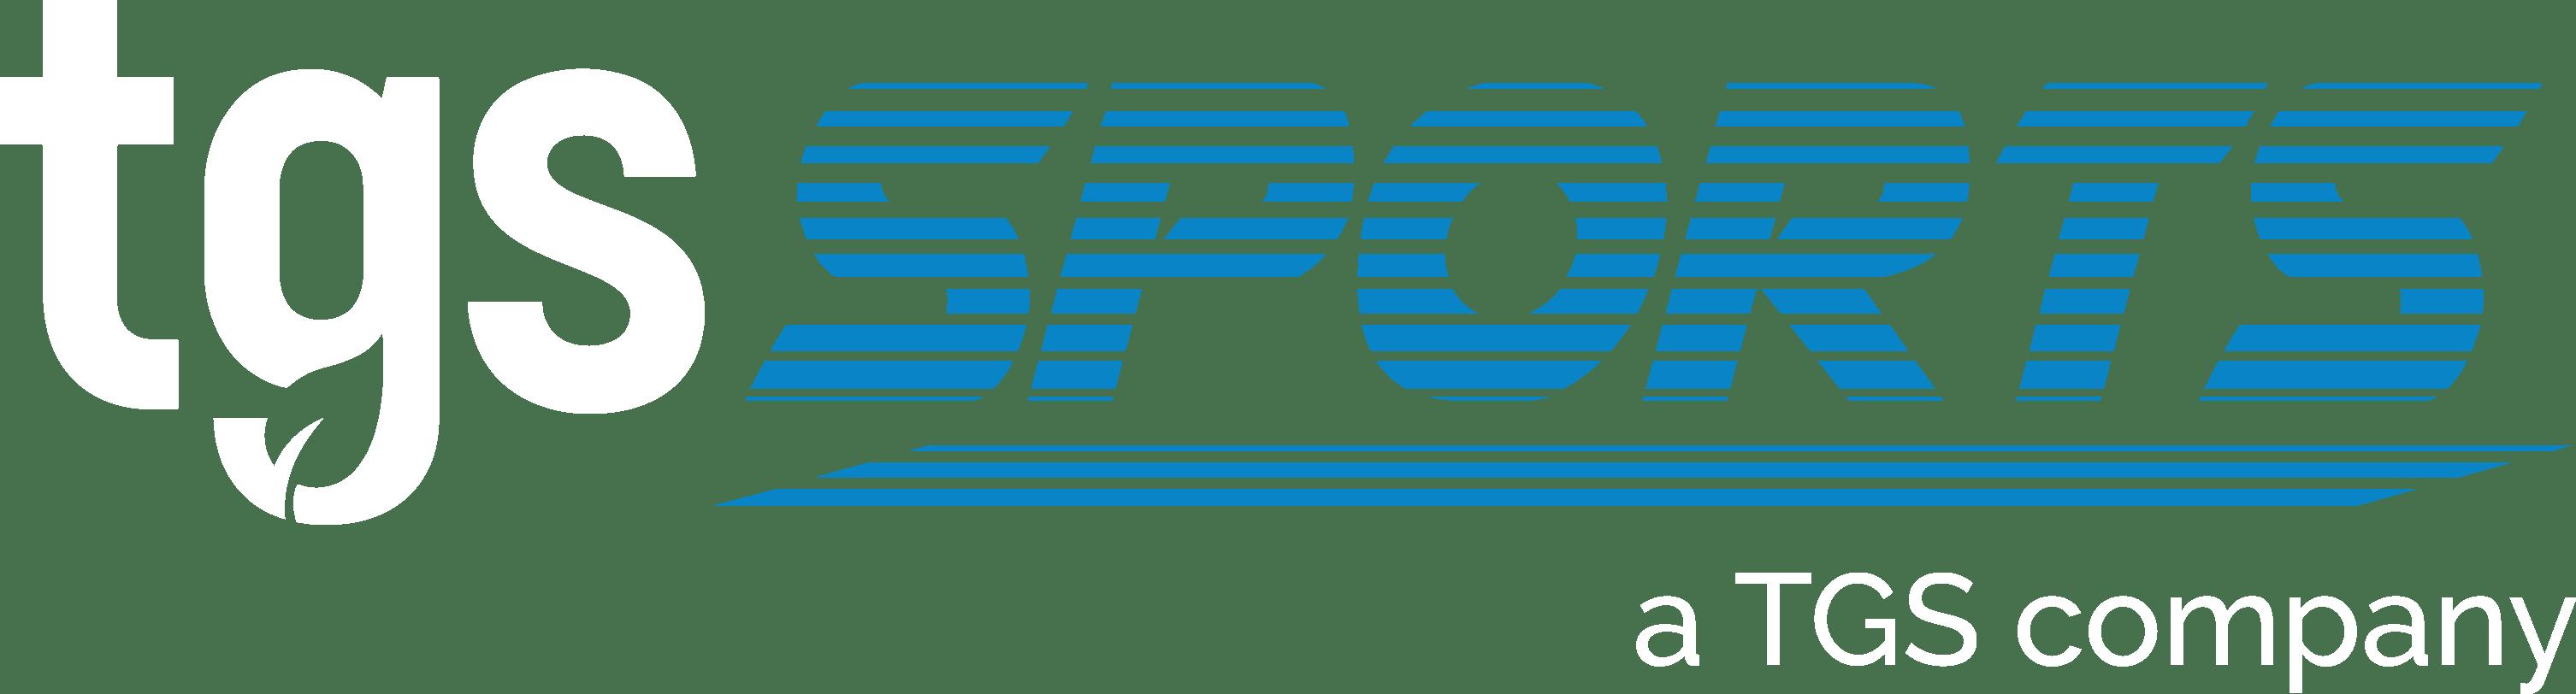 TGSsports.com